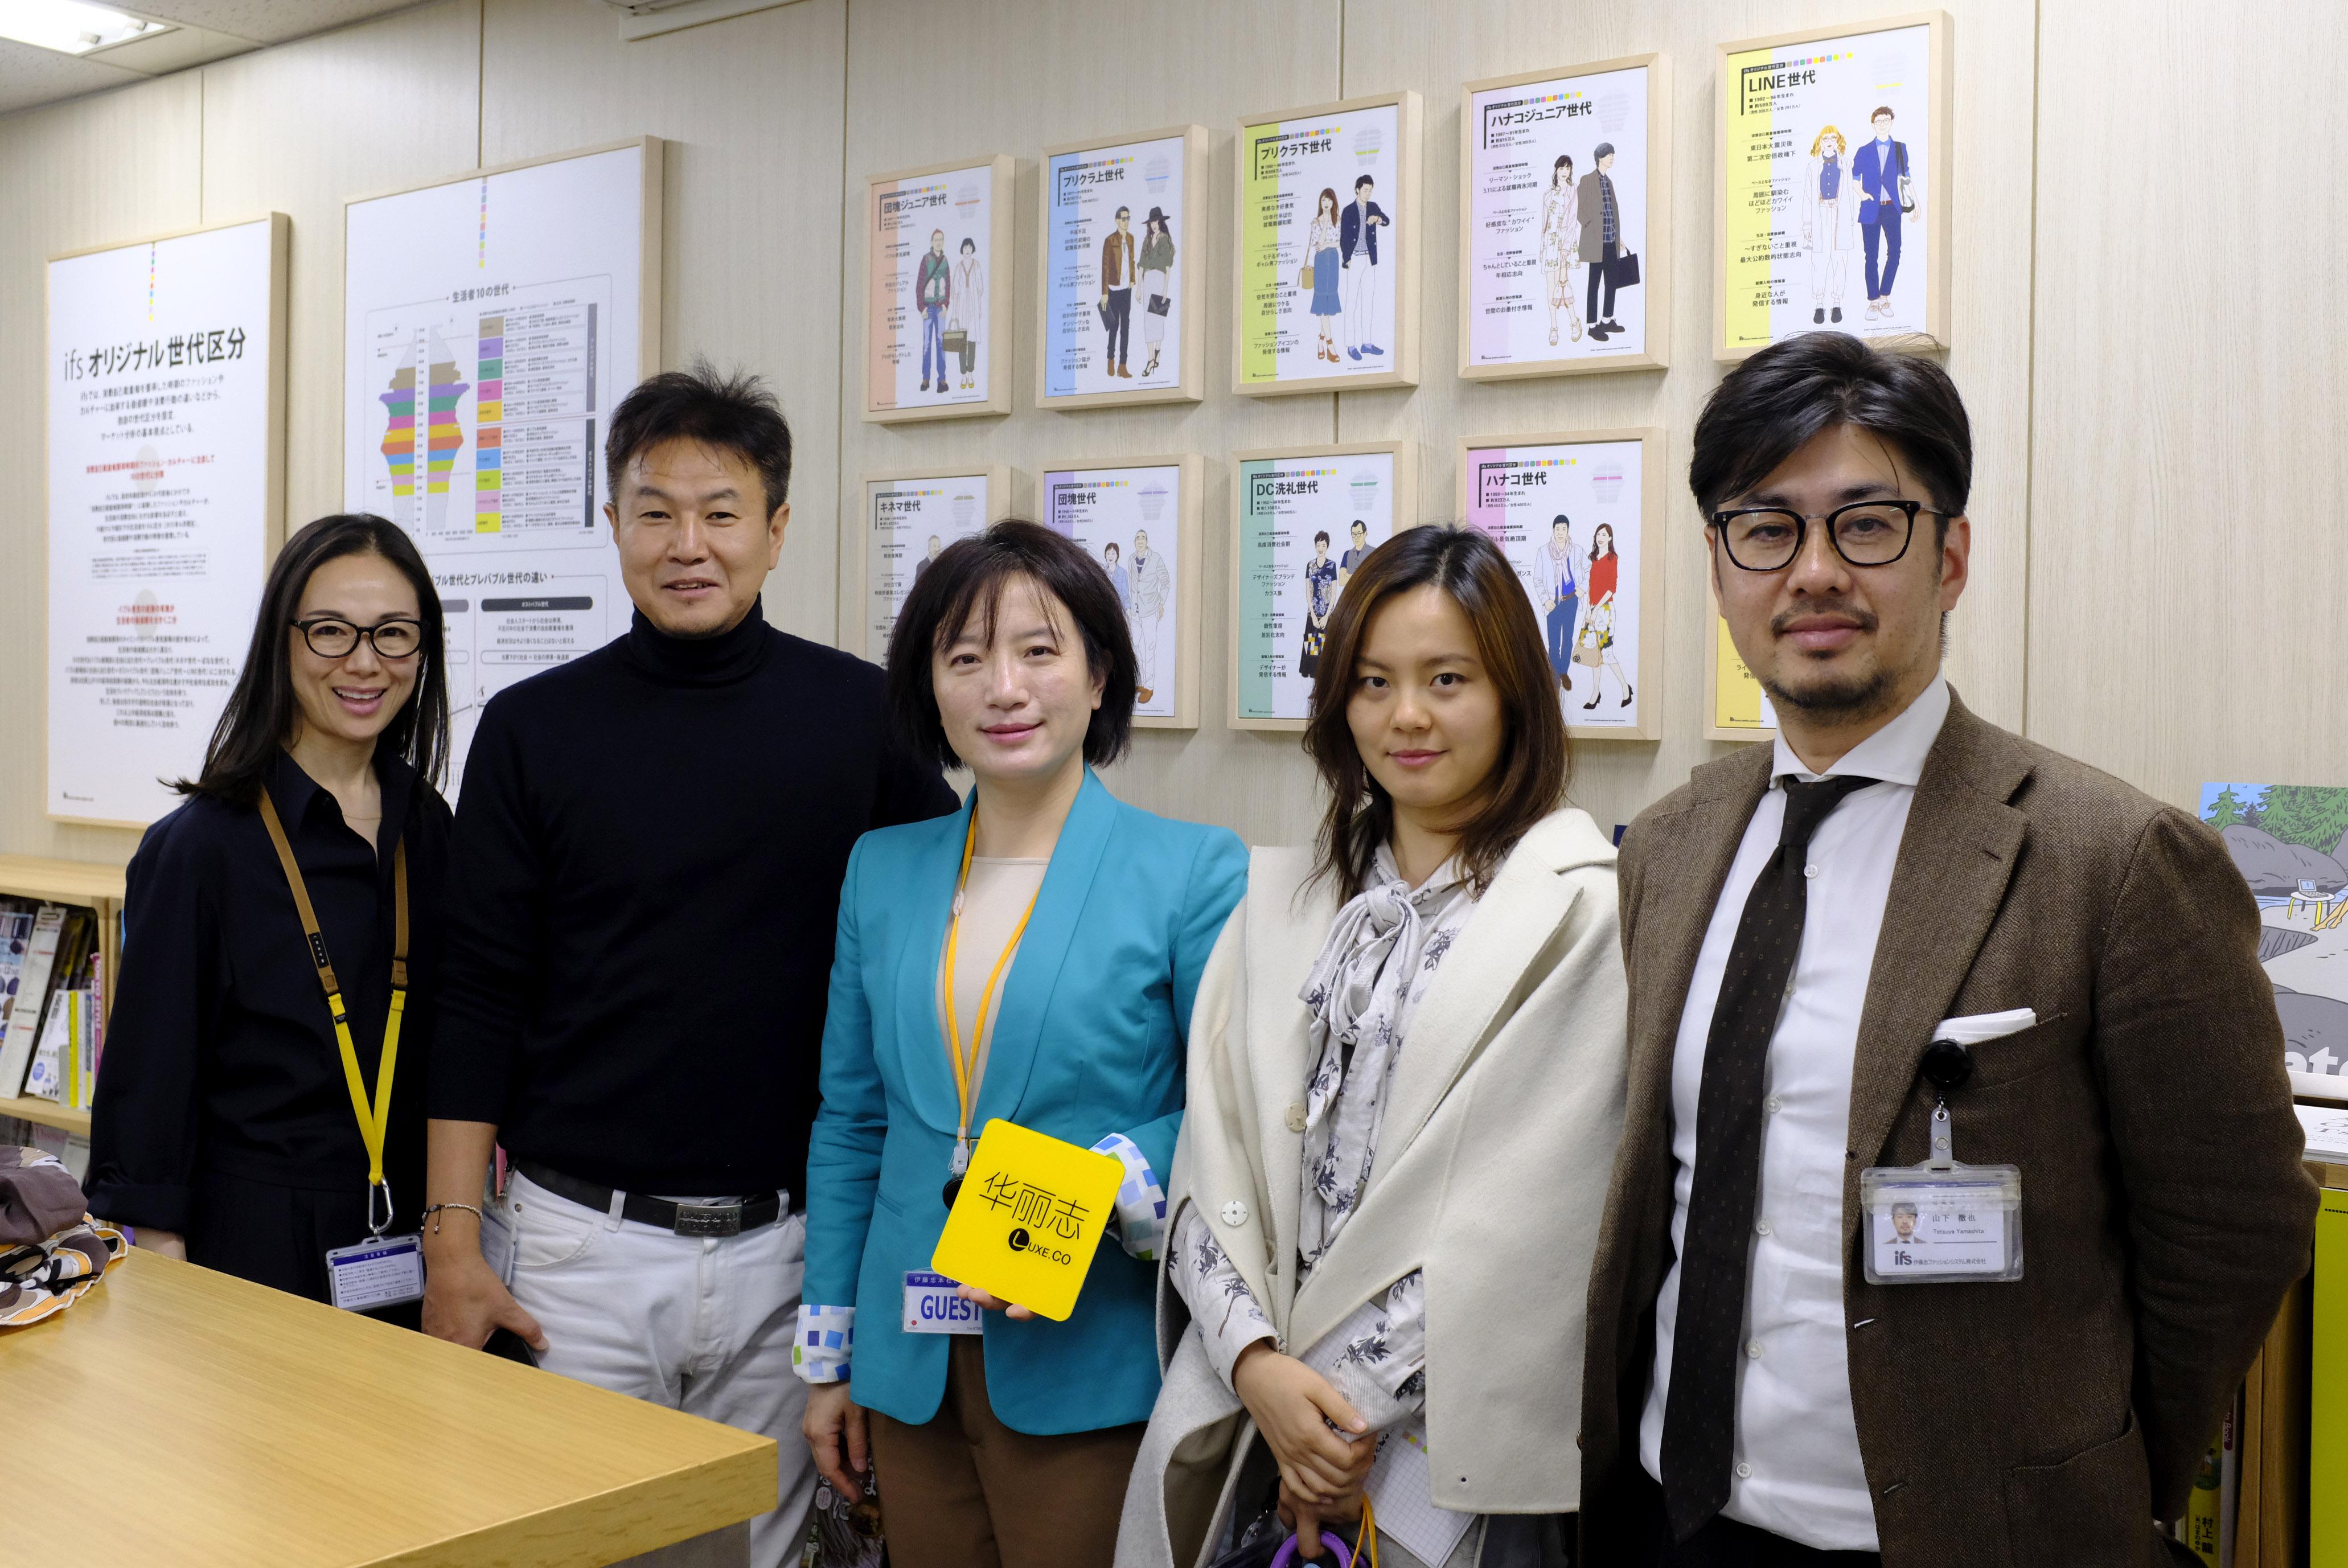 从四家代表性企业,透视日本时尚产业链的最新动向|华丽志日本行图文实录之一